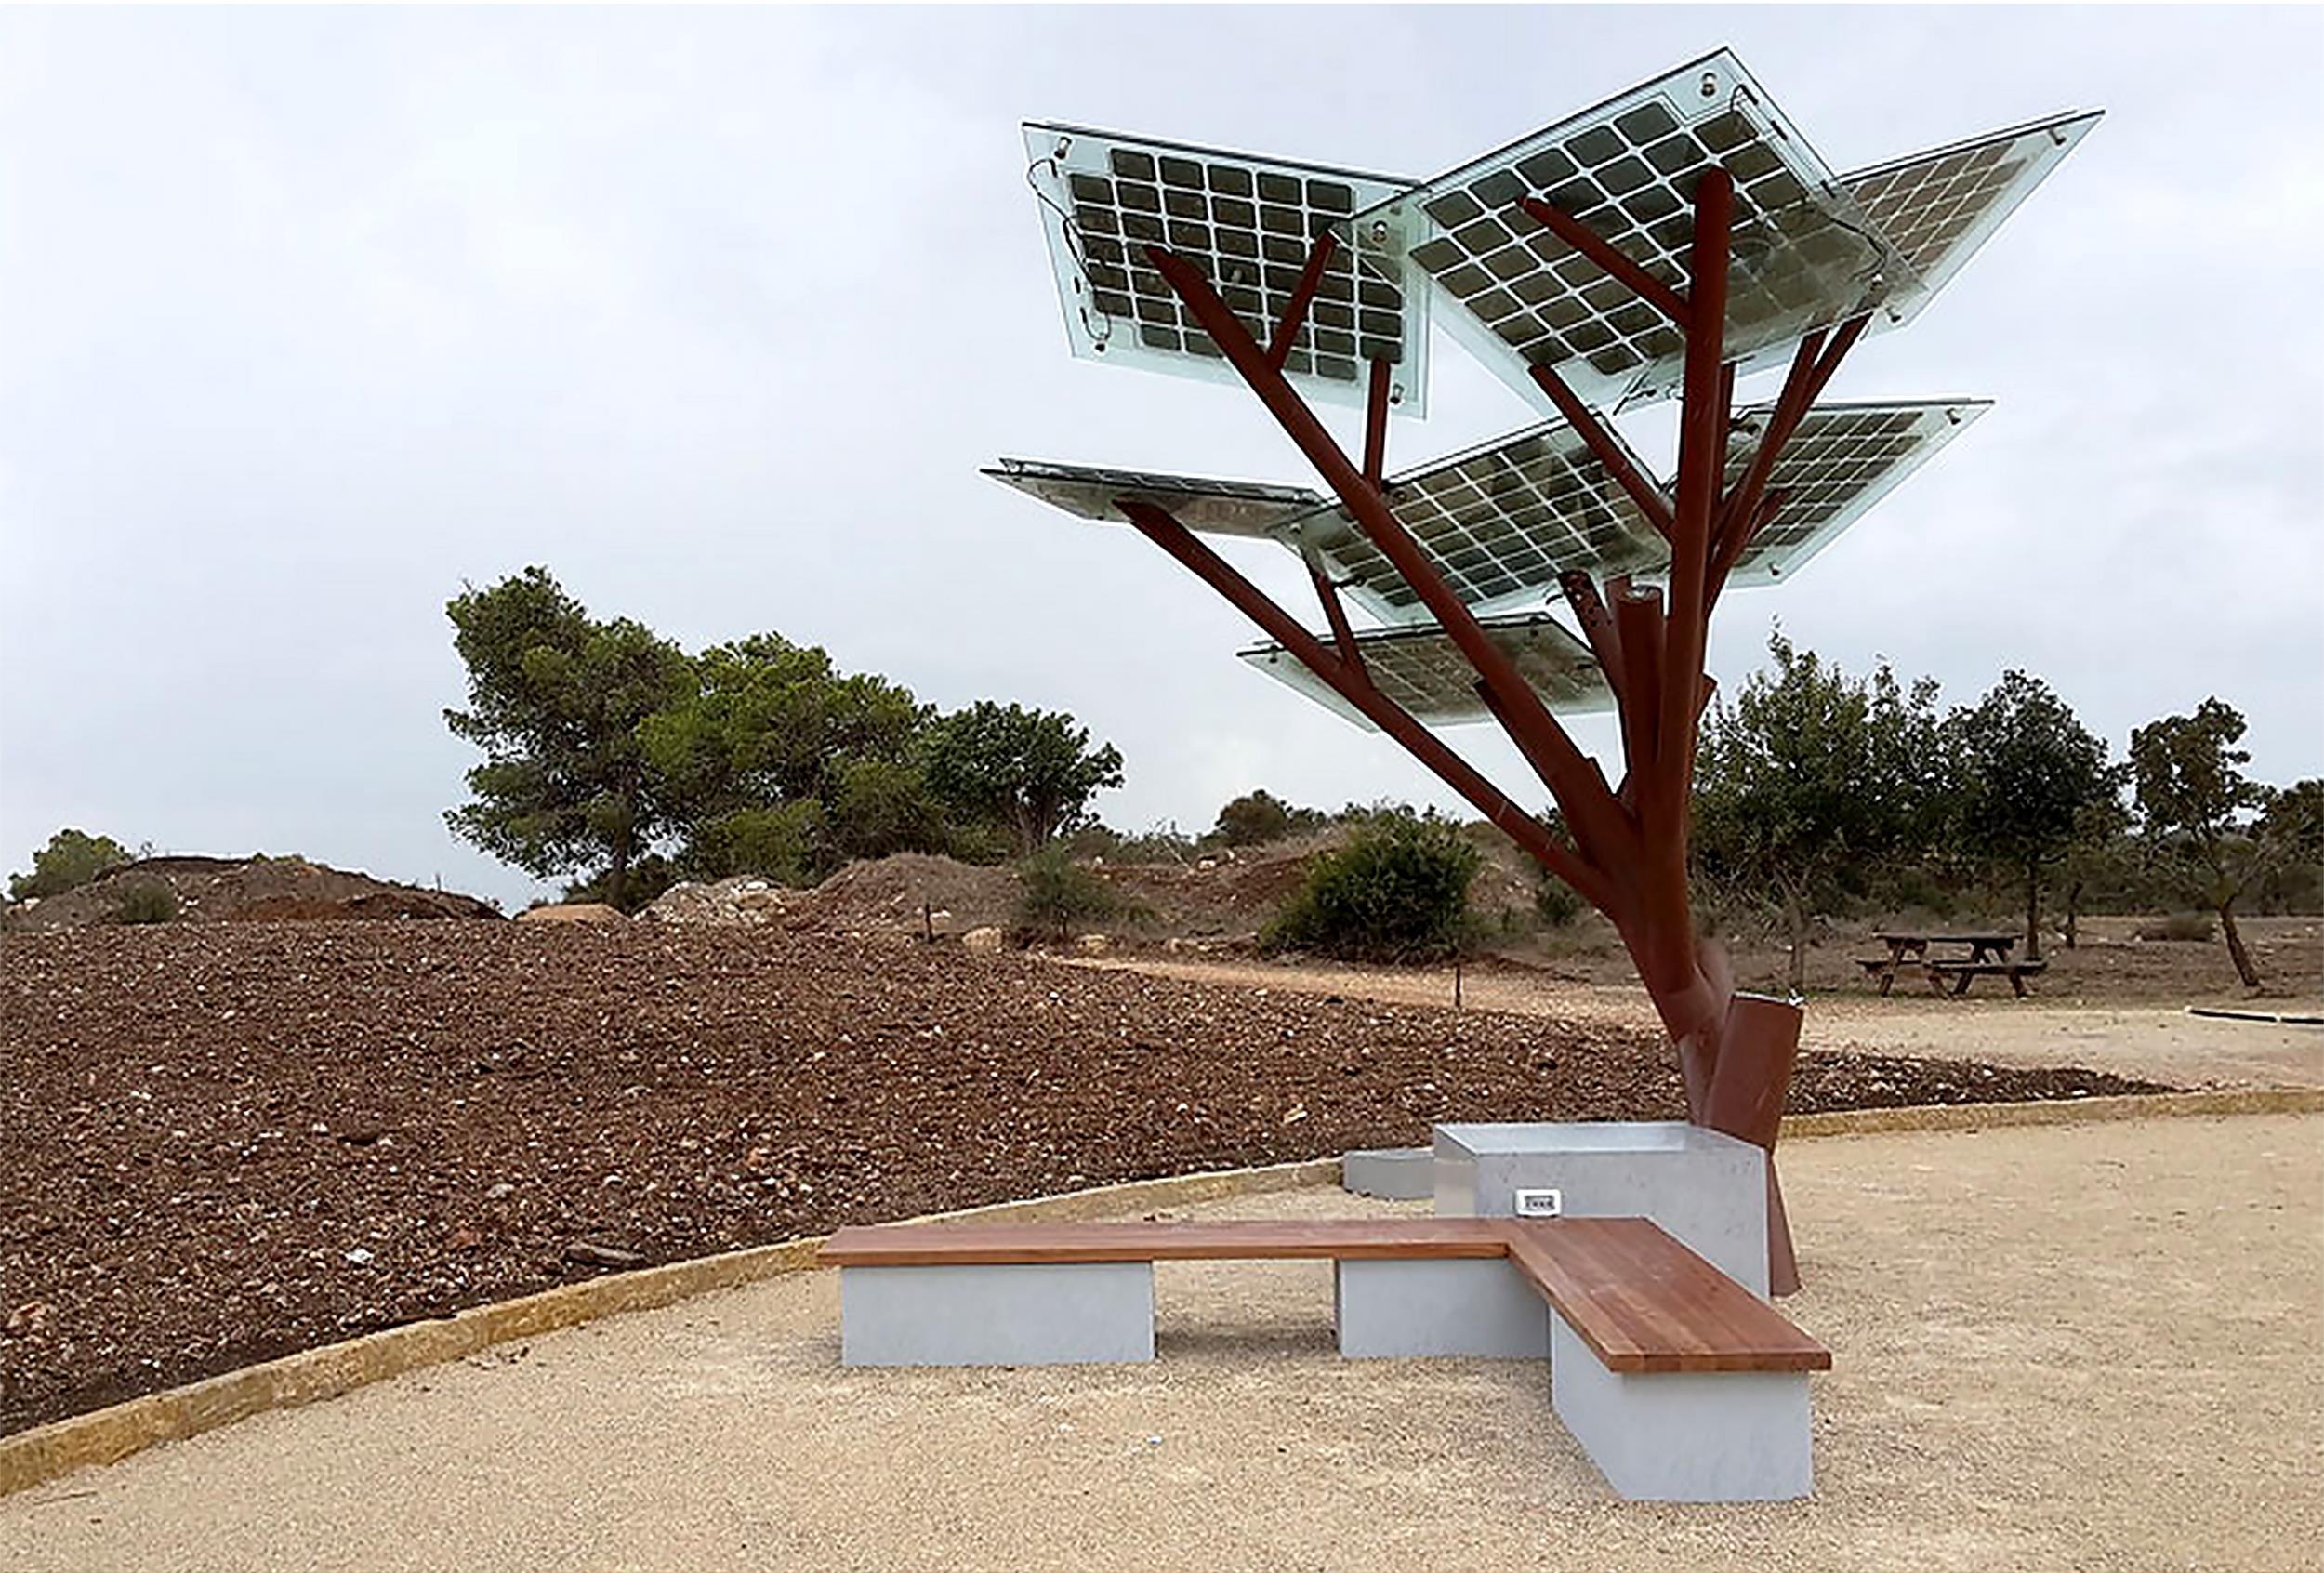 Солнечное дерево в Израиле. Facepla.net последние новости экологии